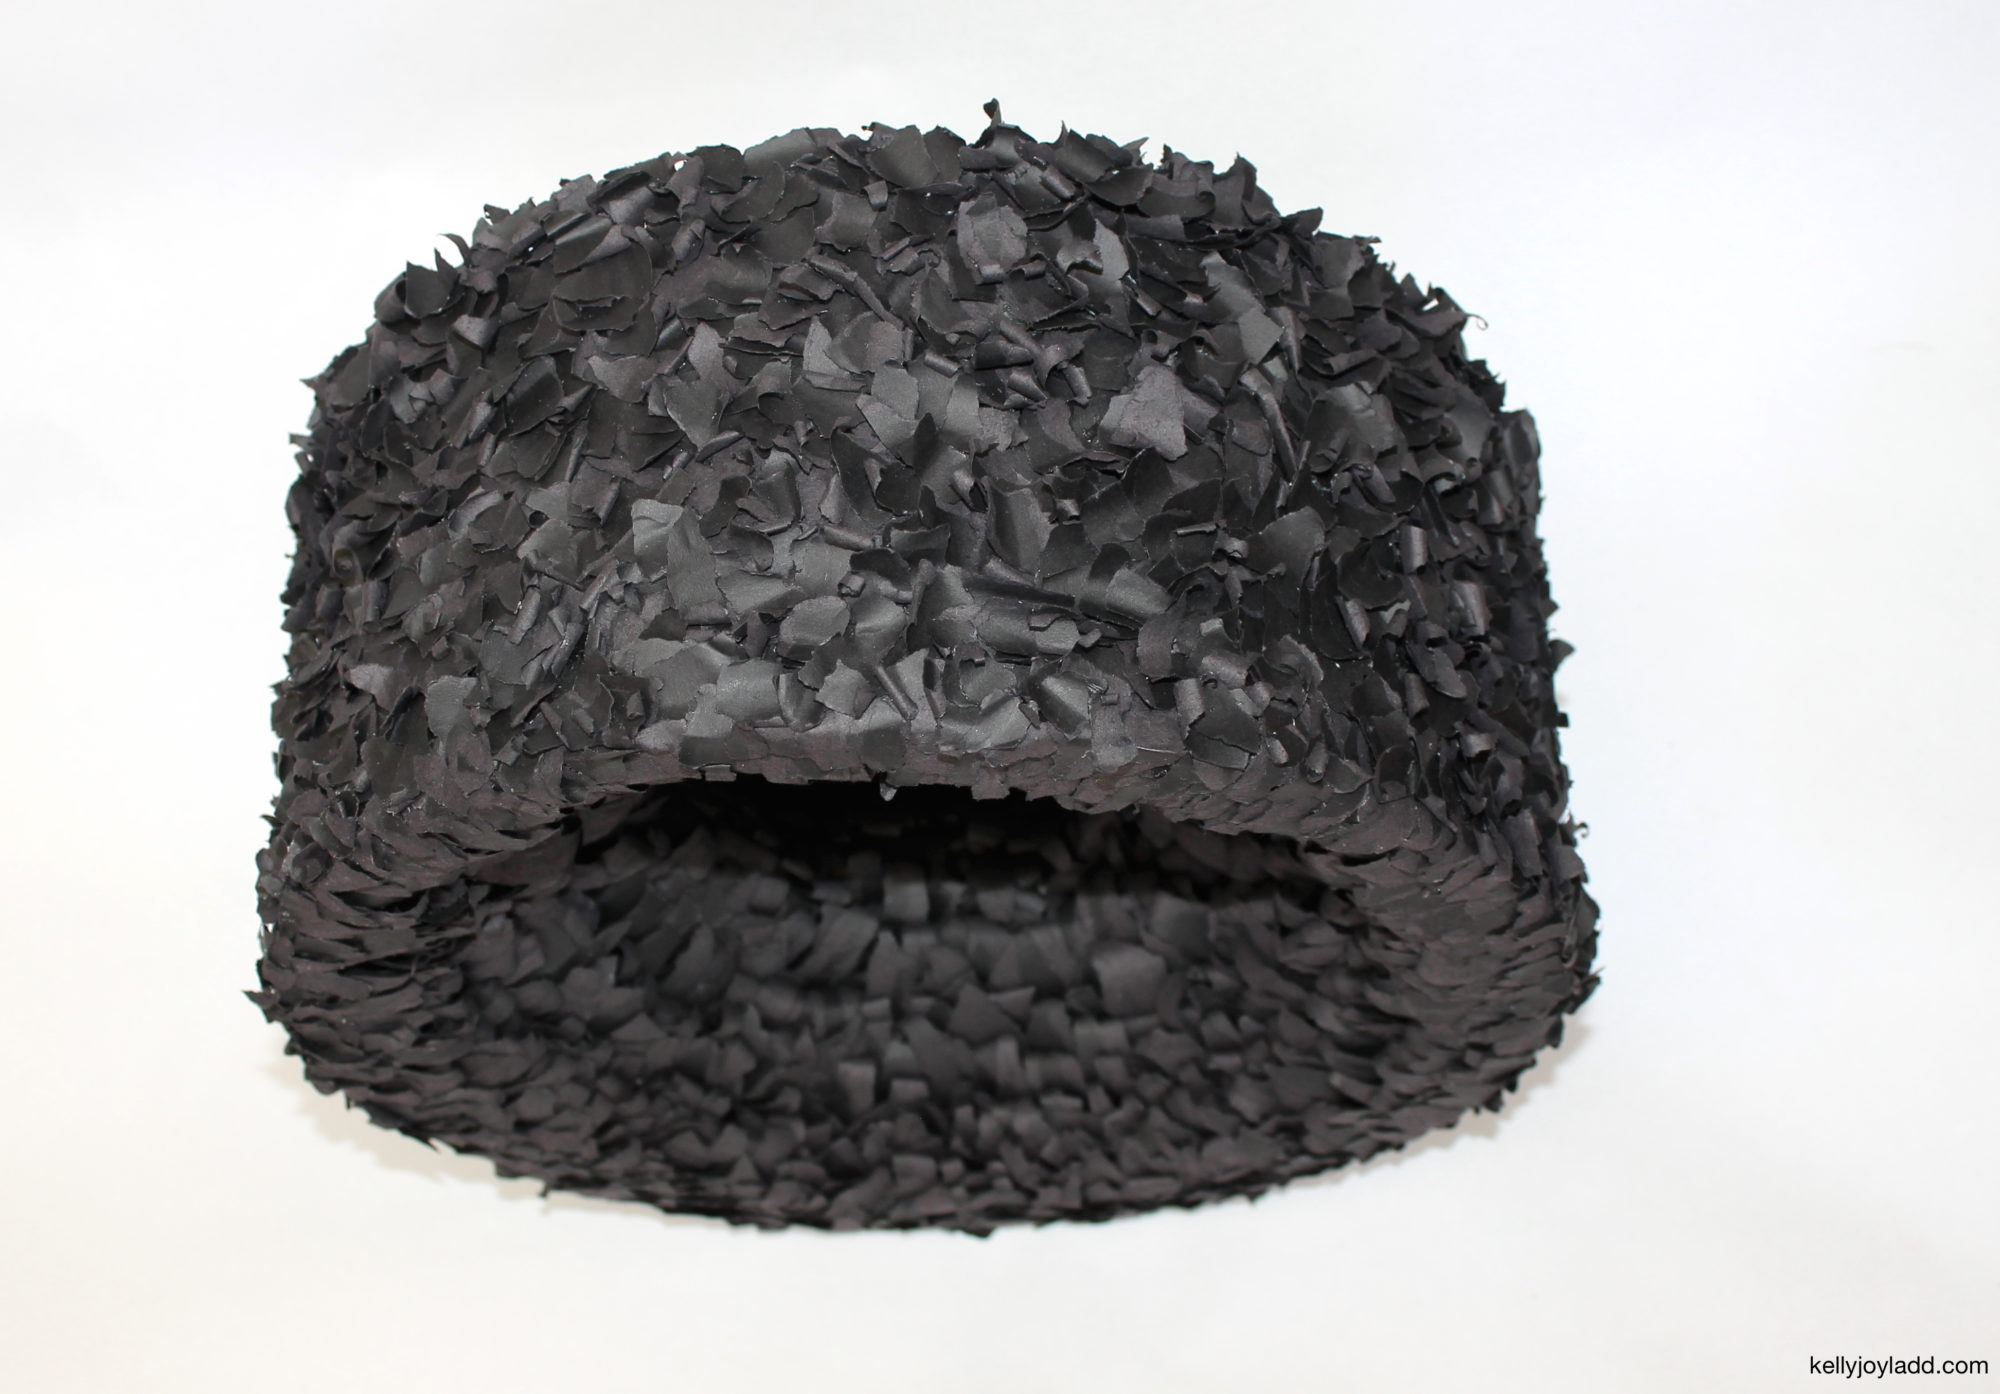 kellyjoyladd.com; paper art